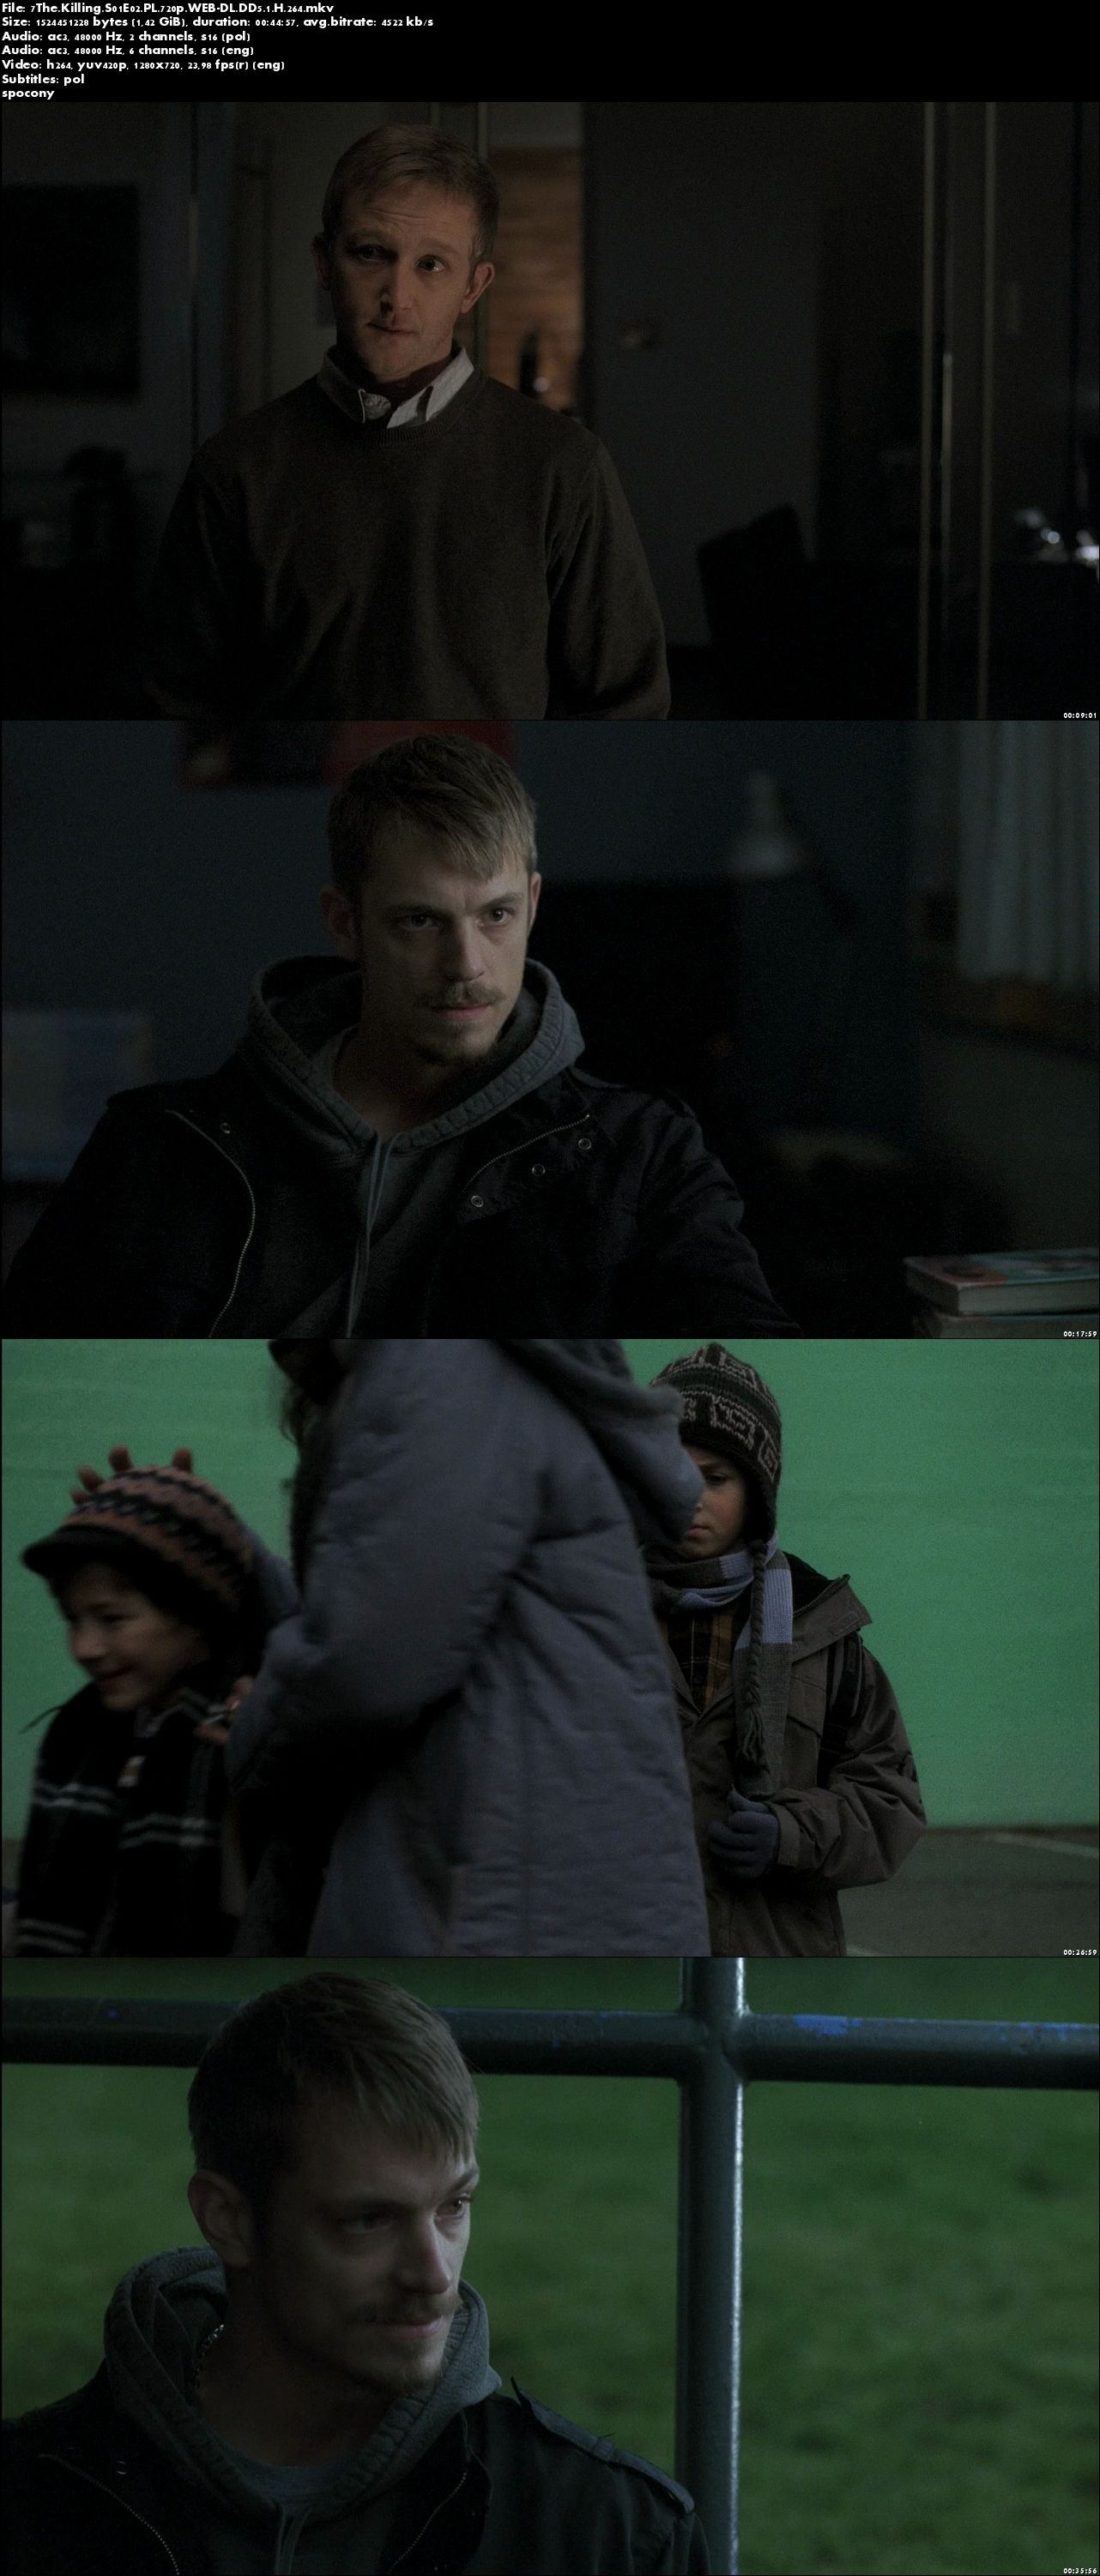 Dochodzenie / The Killing (2011) {Sezon 1} (Pełen sezon) MULTi.720p.WEB-DL.DD5.1.H.264 [Lektor PL]